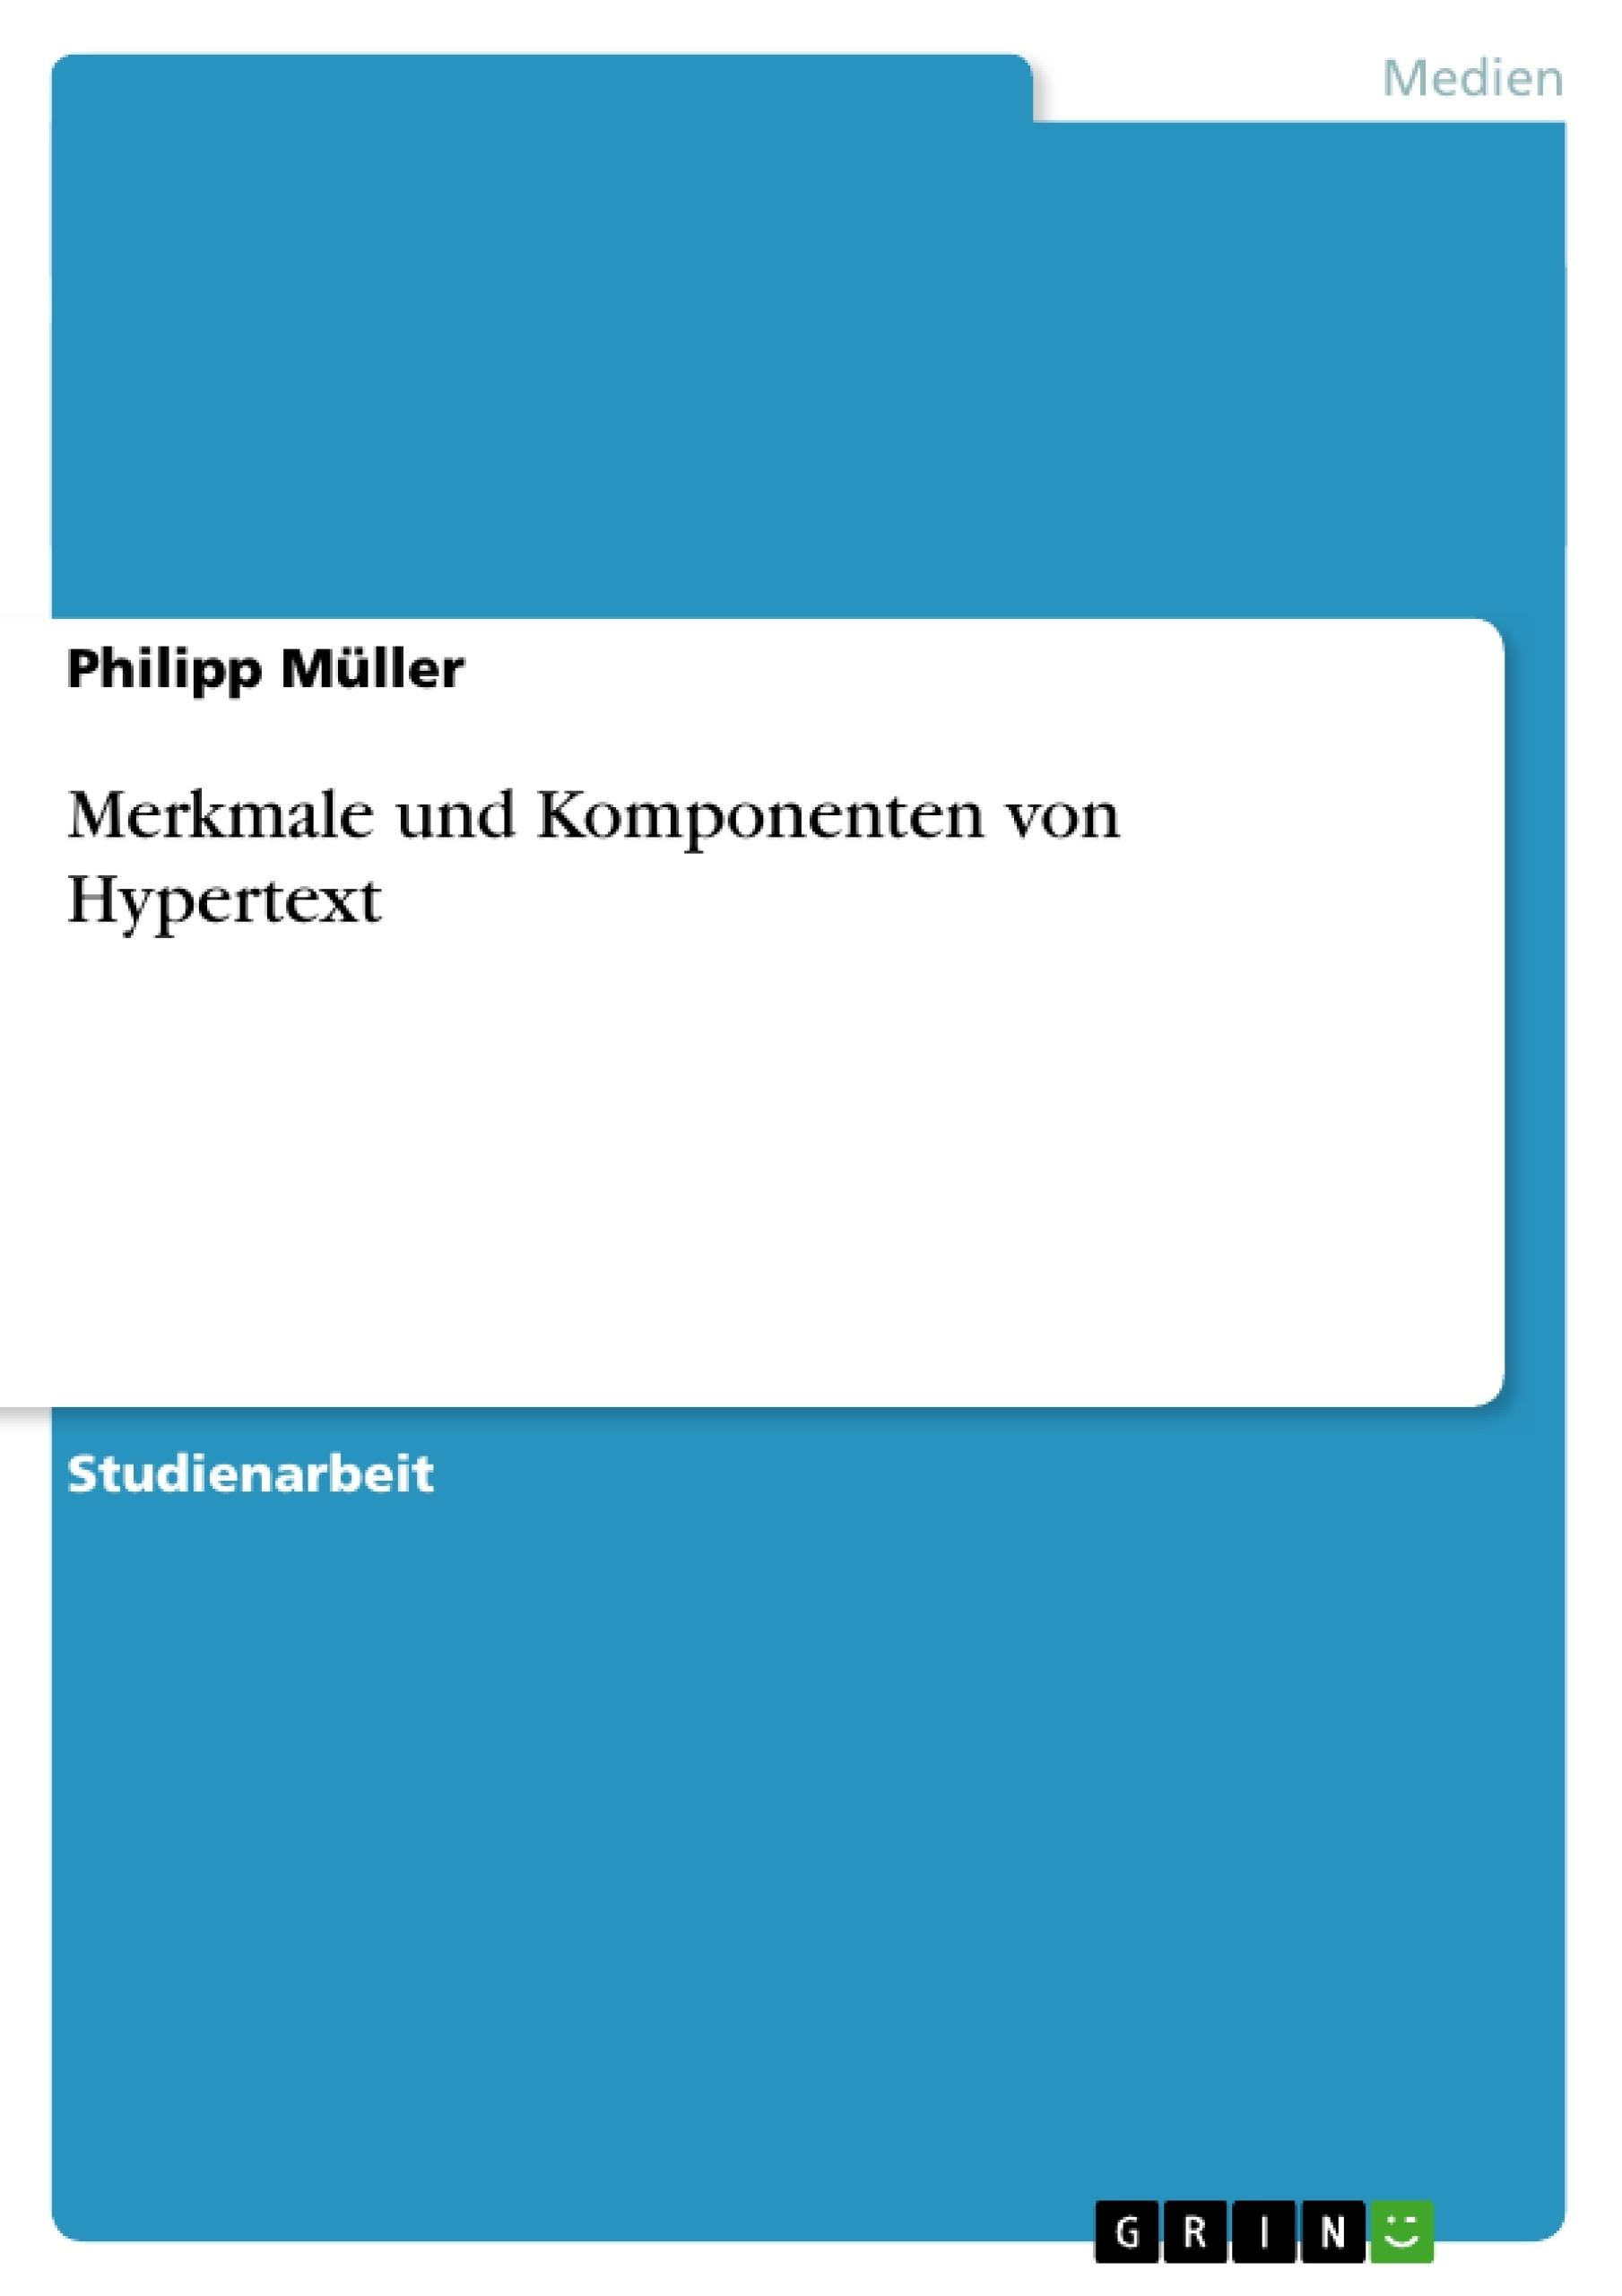 Titel: Merkmale und Komponenten von Hypertext